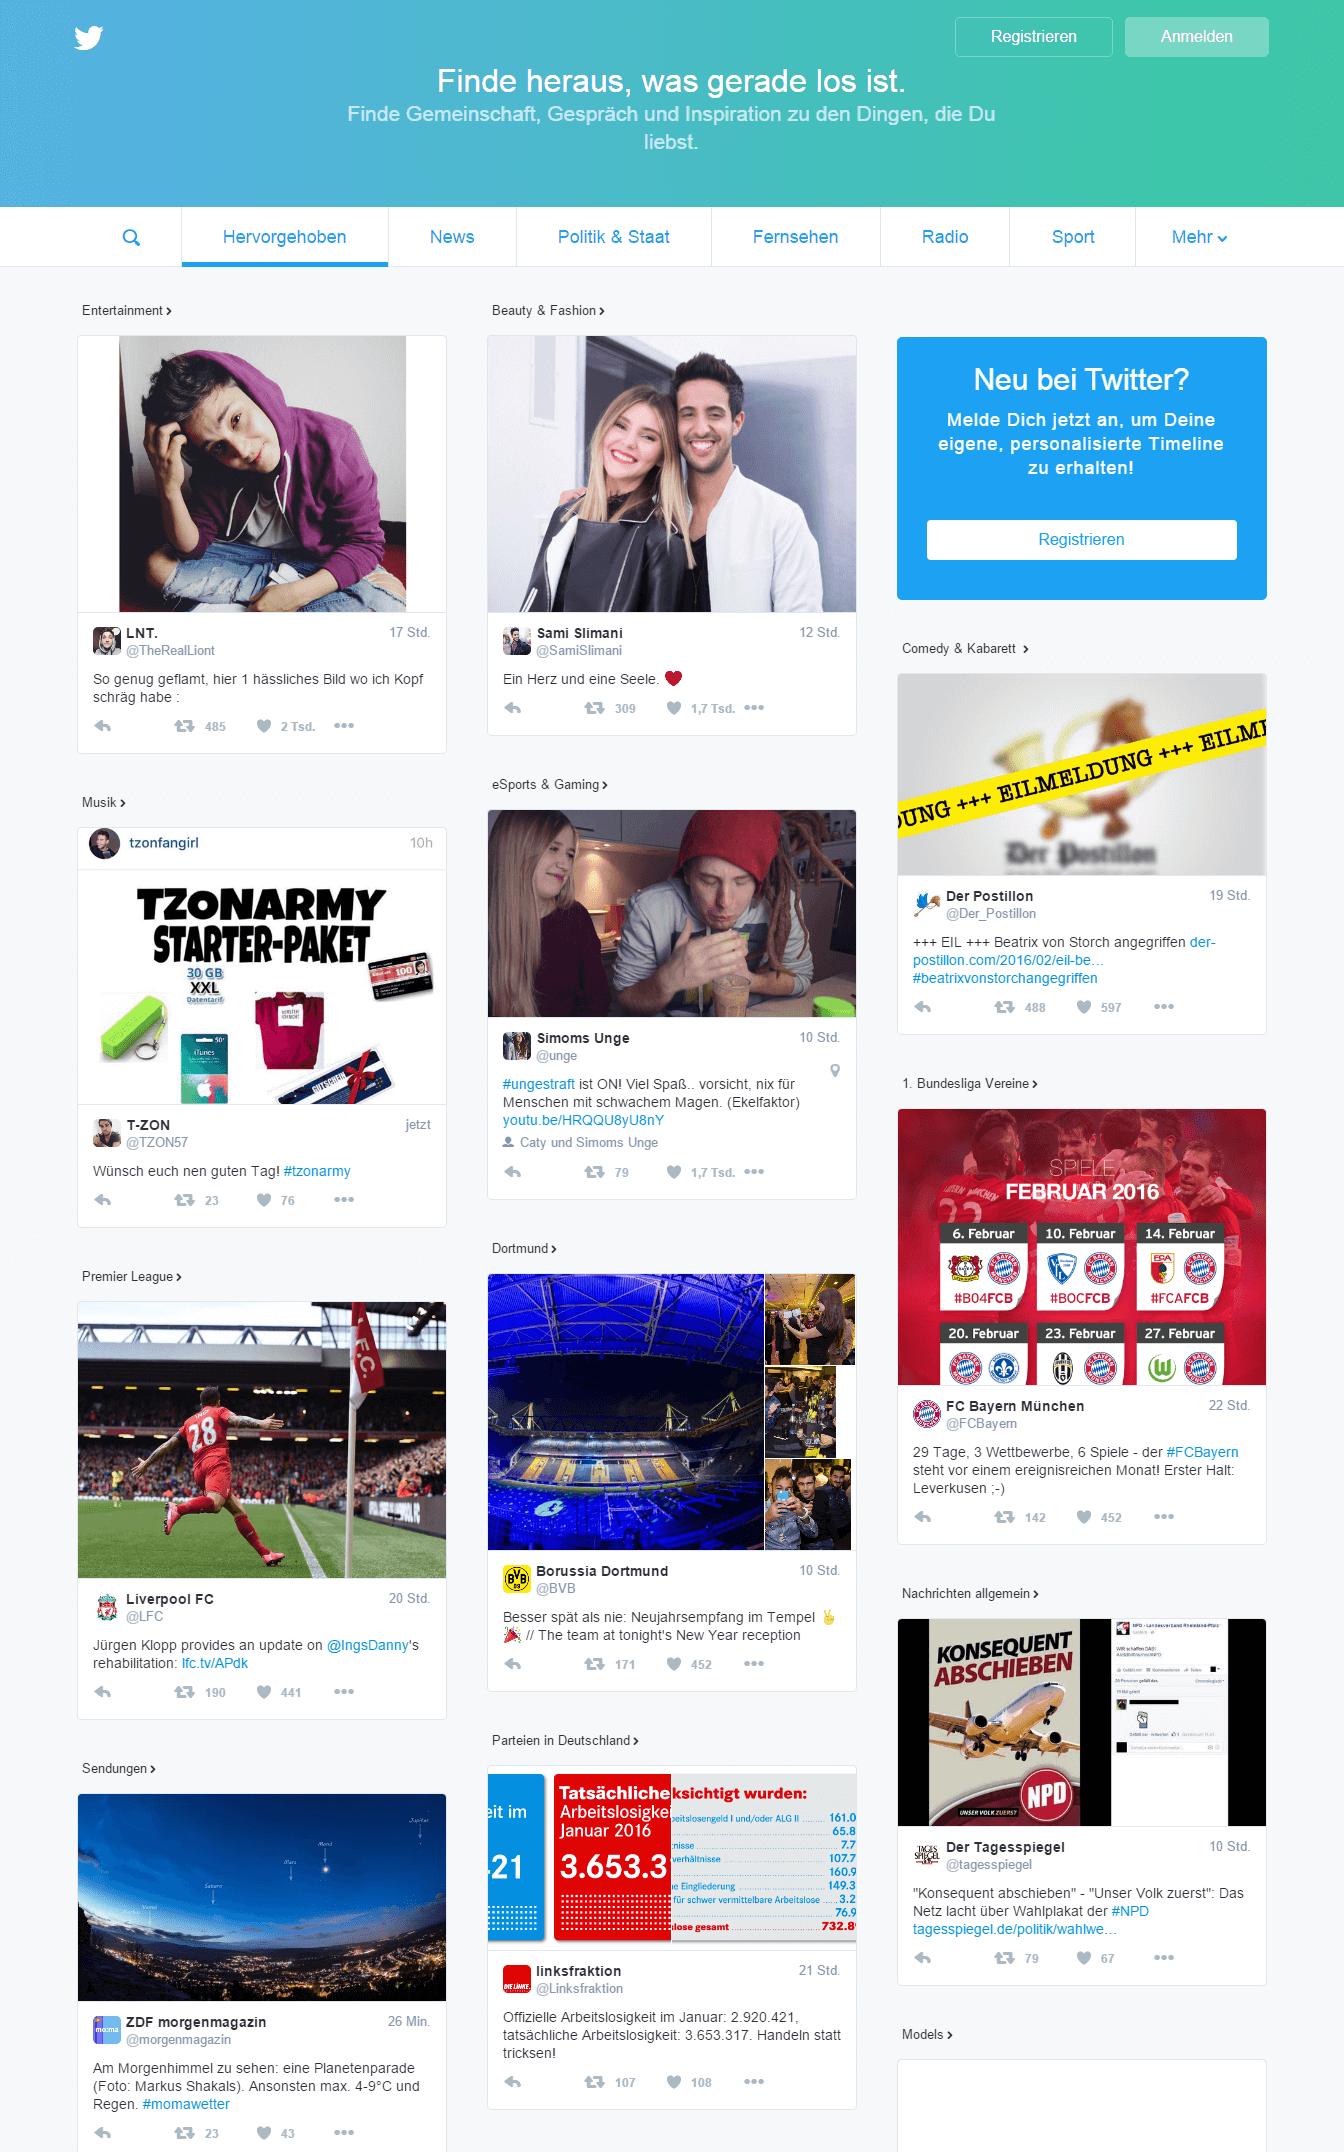 Twitters neue Startseite